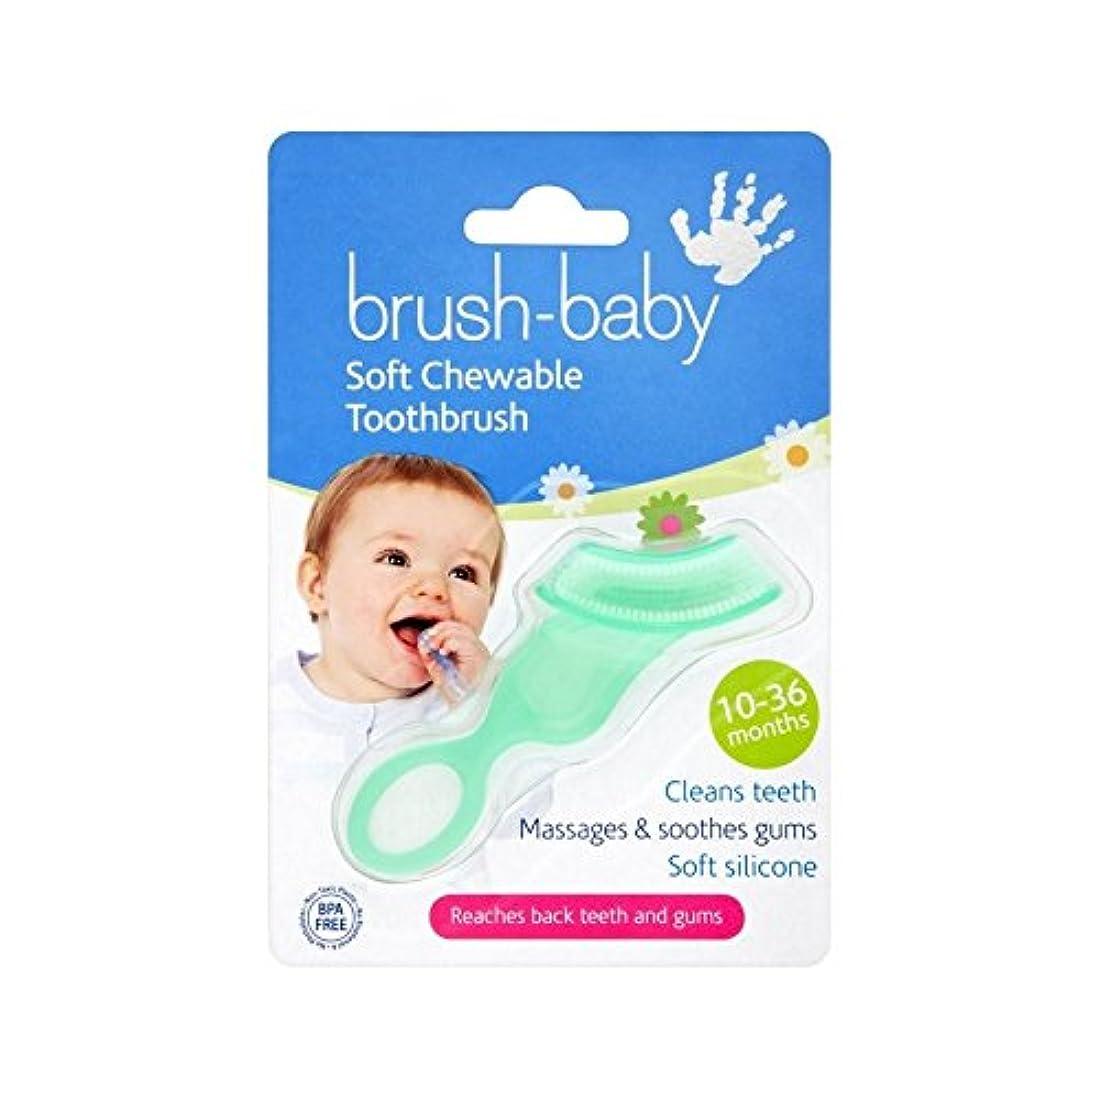 ロイヤリティ口径振幅おしゃぶりブラシ10ヶ月 - 3年 (Brush-Baby) (x 4) - Brush-Baby Teether Brush 10 months - 3 Years (Pack of 4) [並行輸入品]